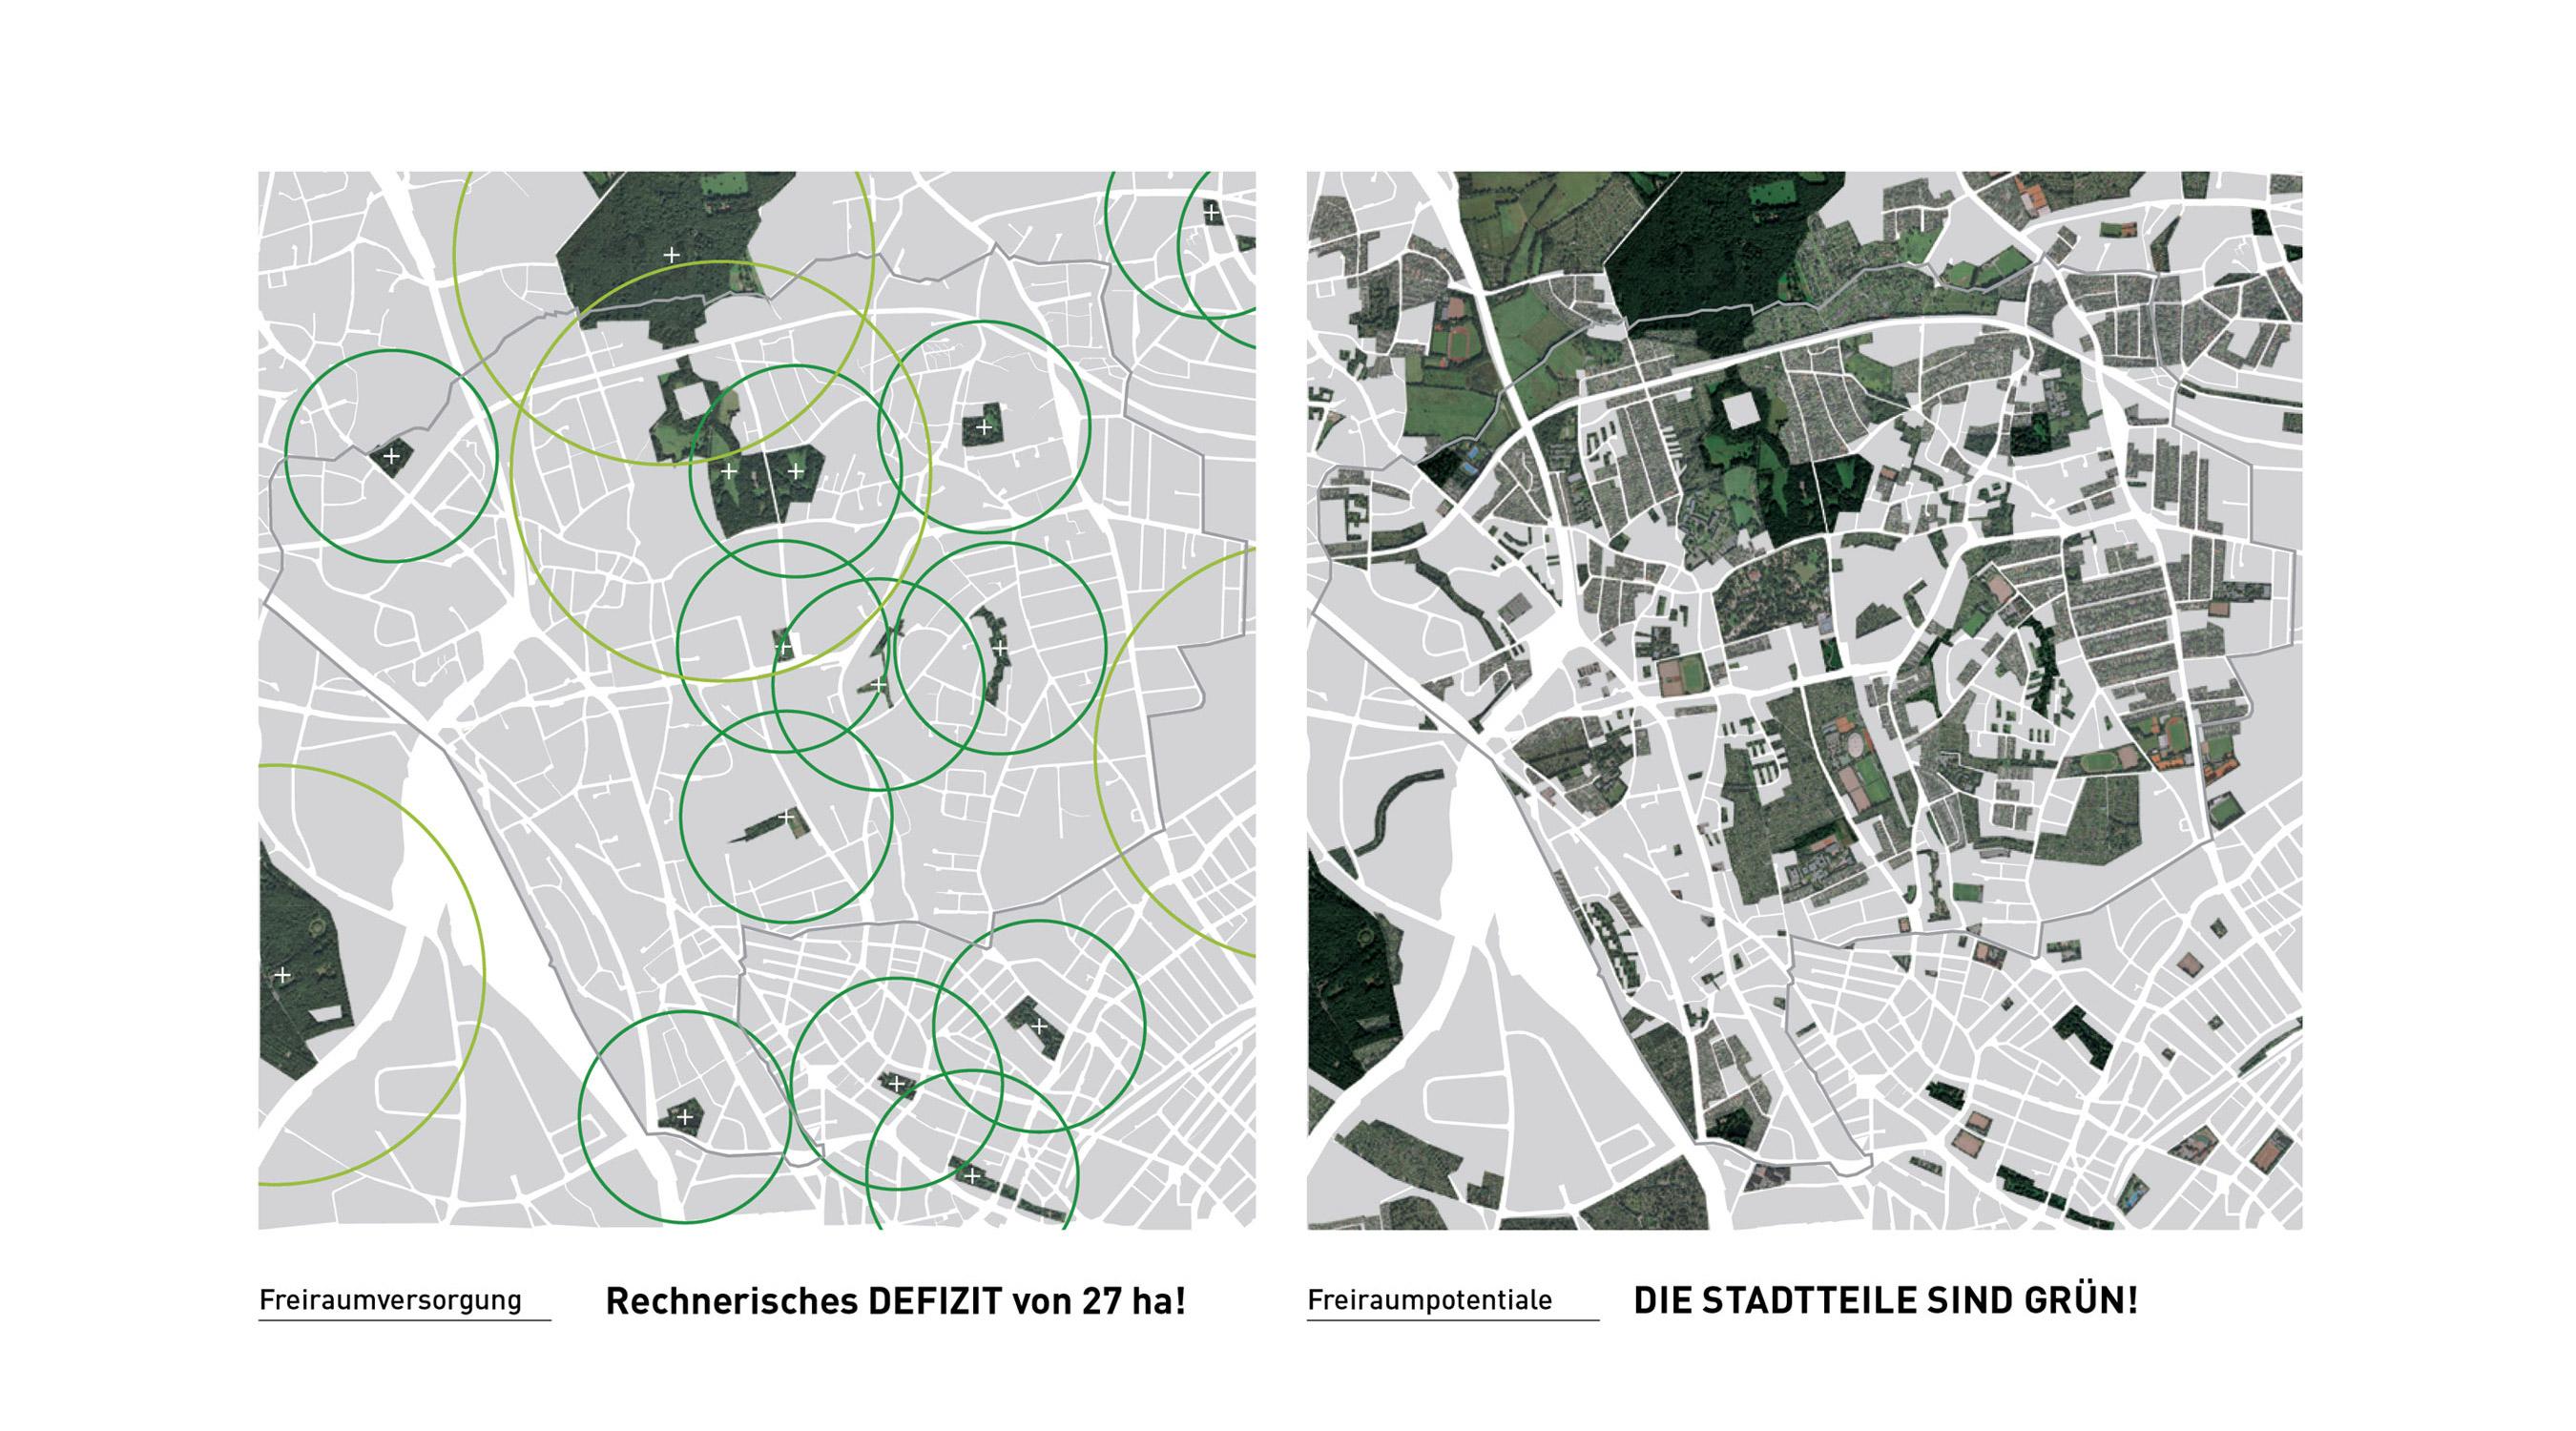 Eimsbüttel Freiraumversorgung